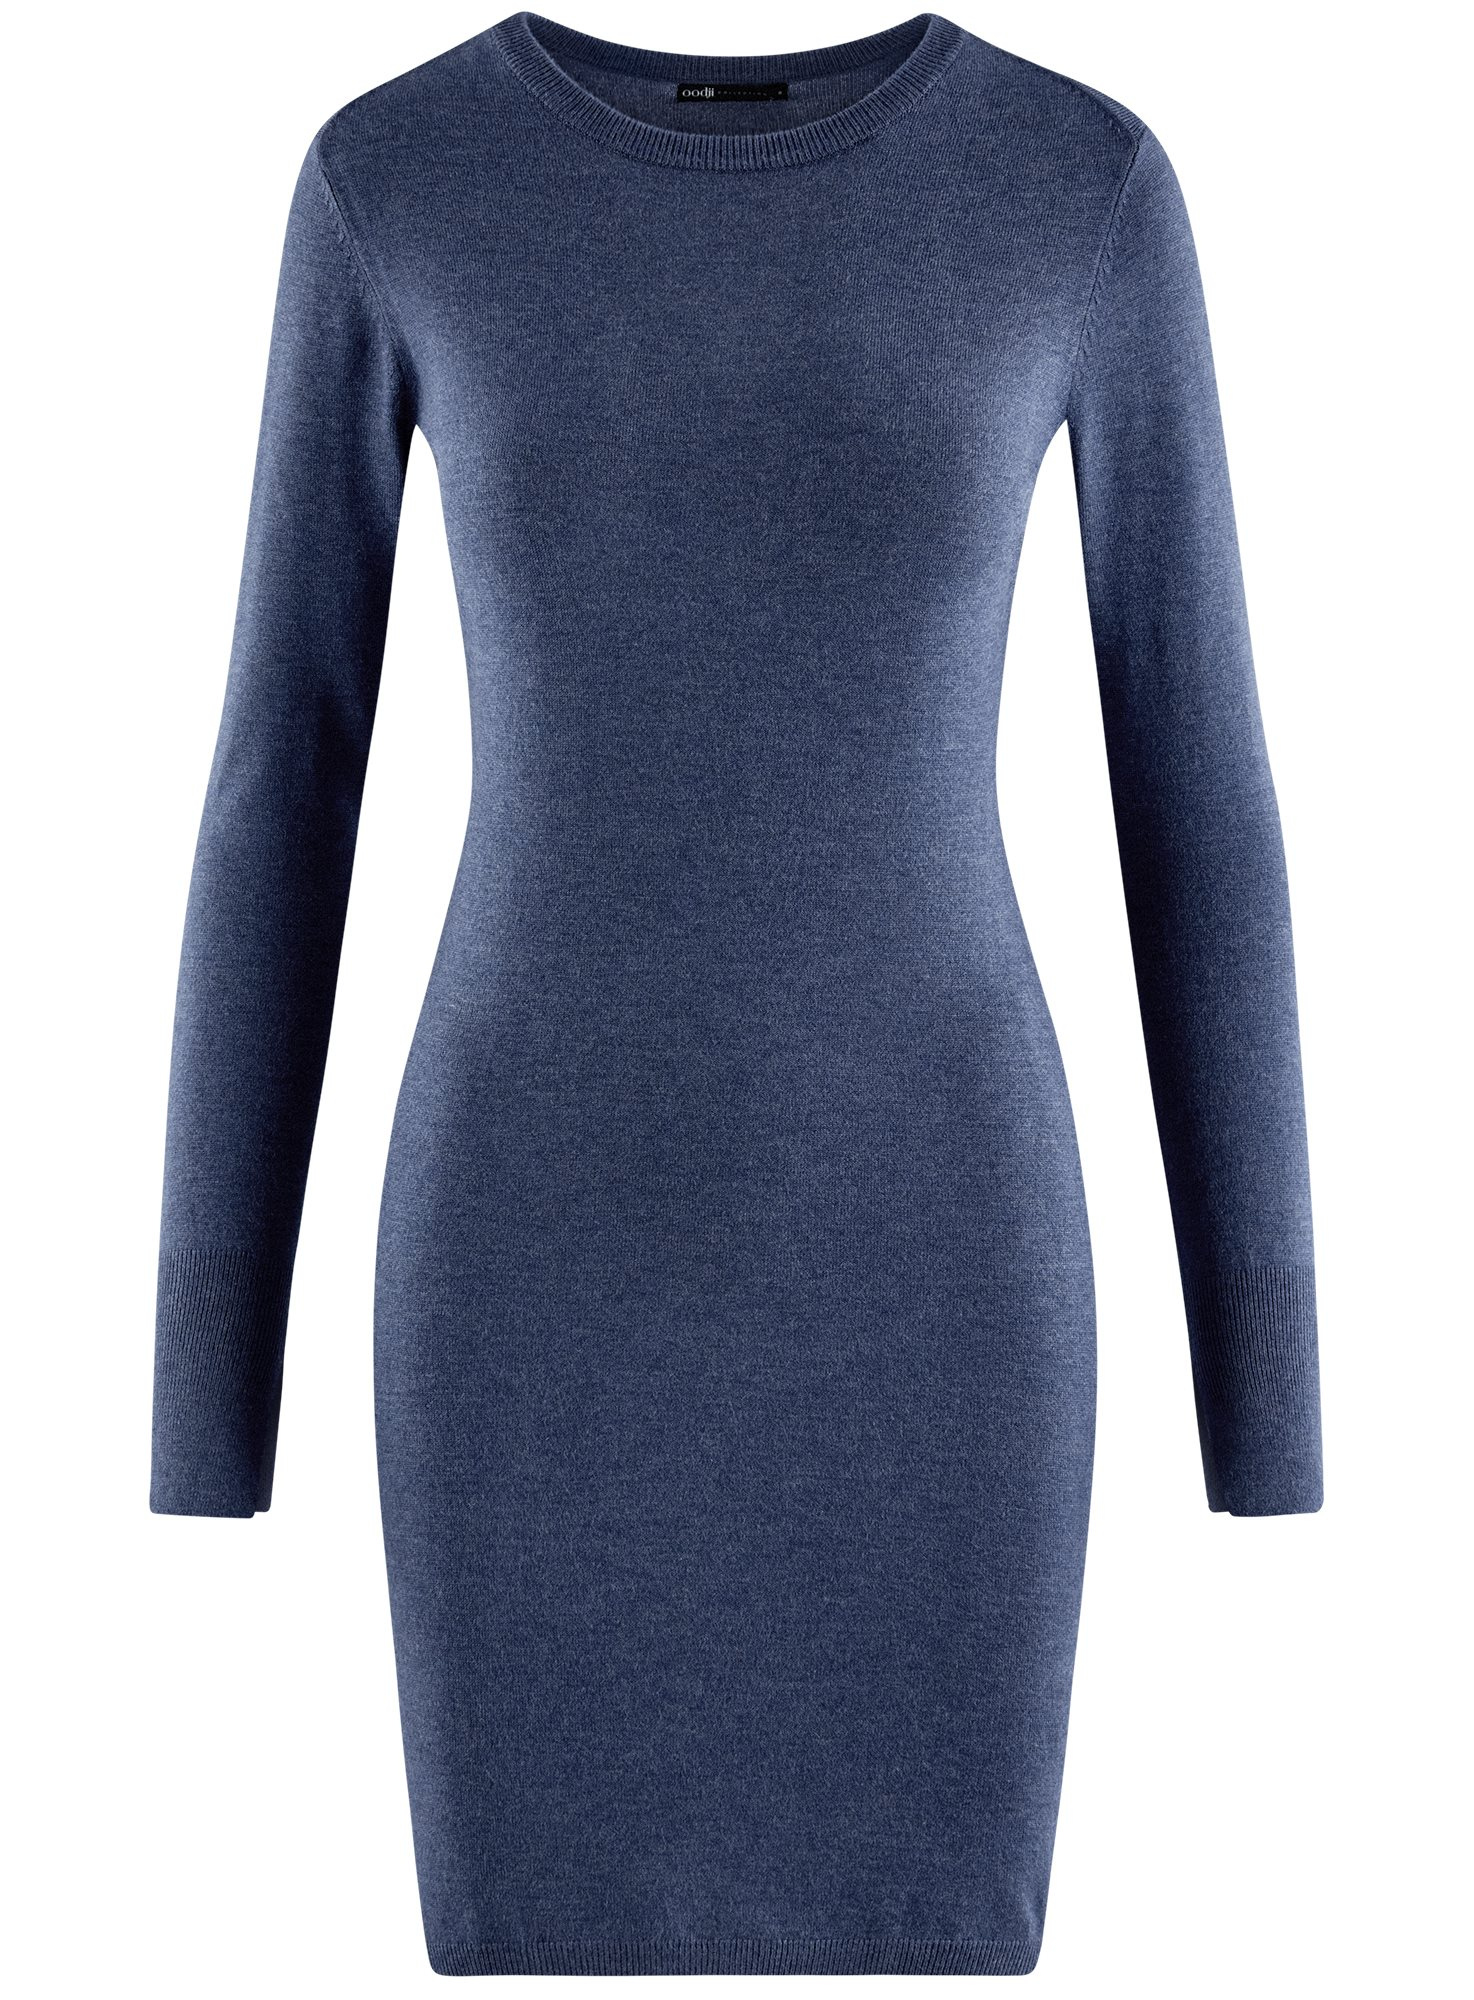 Платье вязаное базовое oodji для женщины (синий), 73912217-2B/33506/7500M